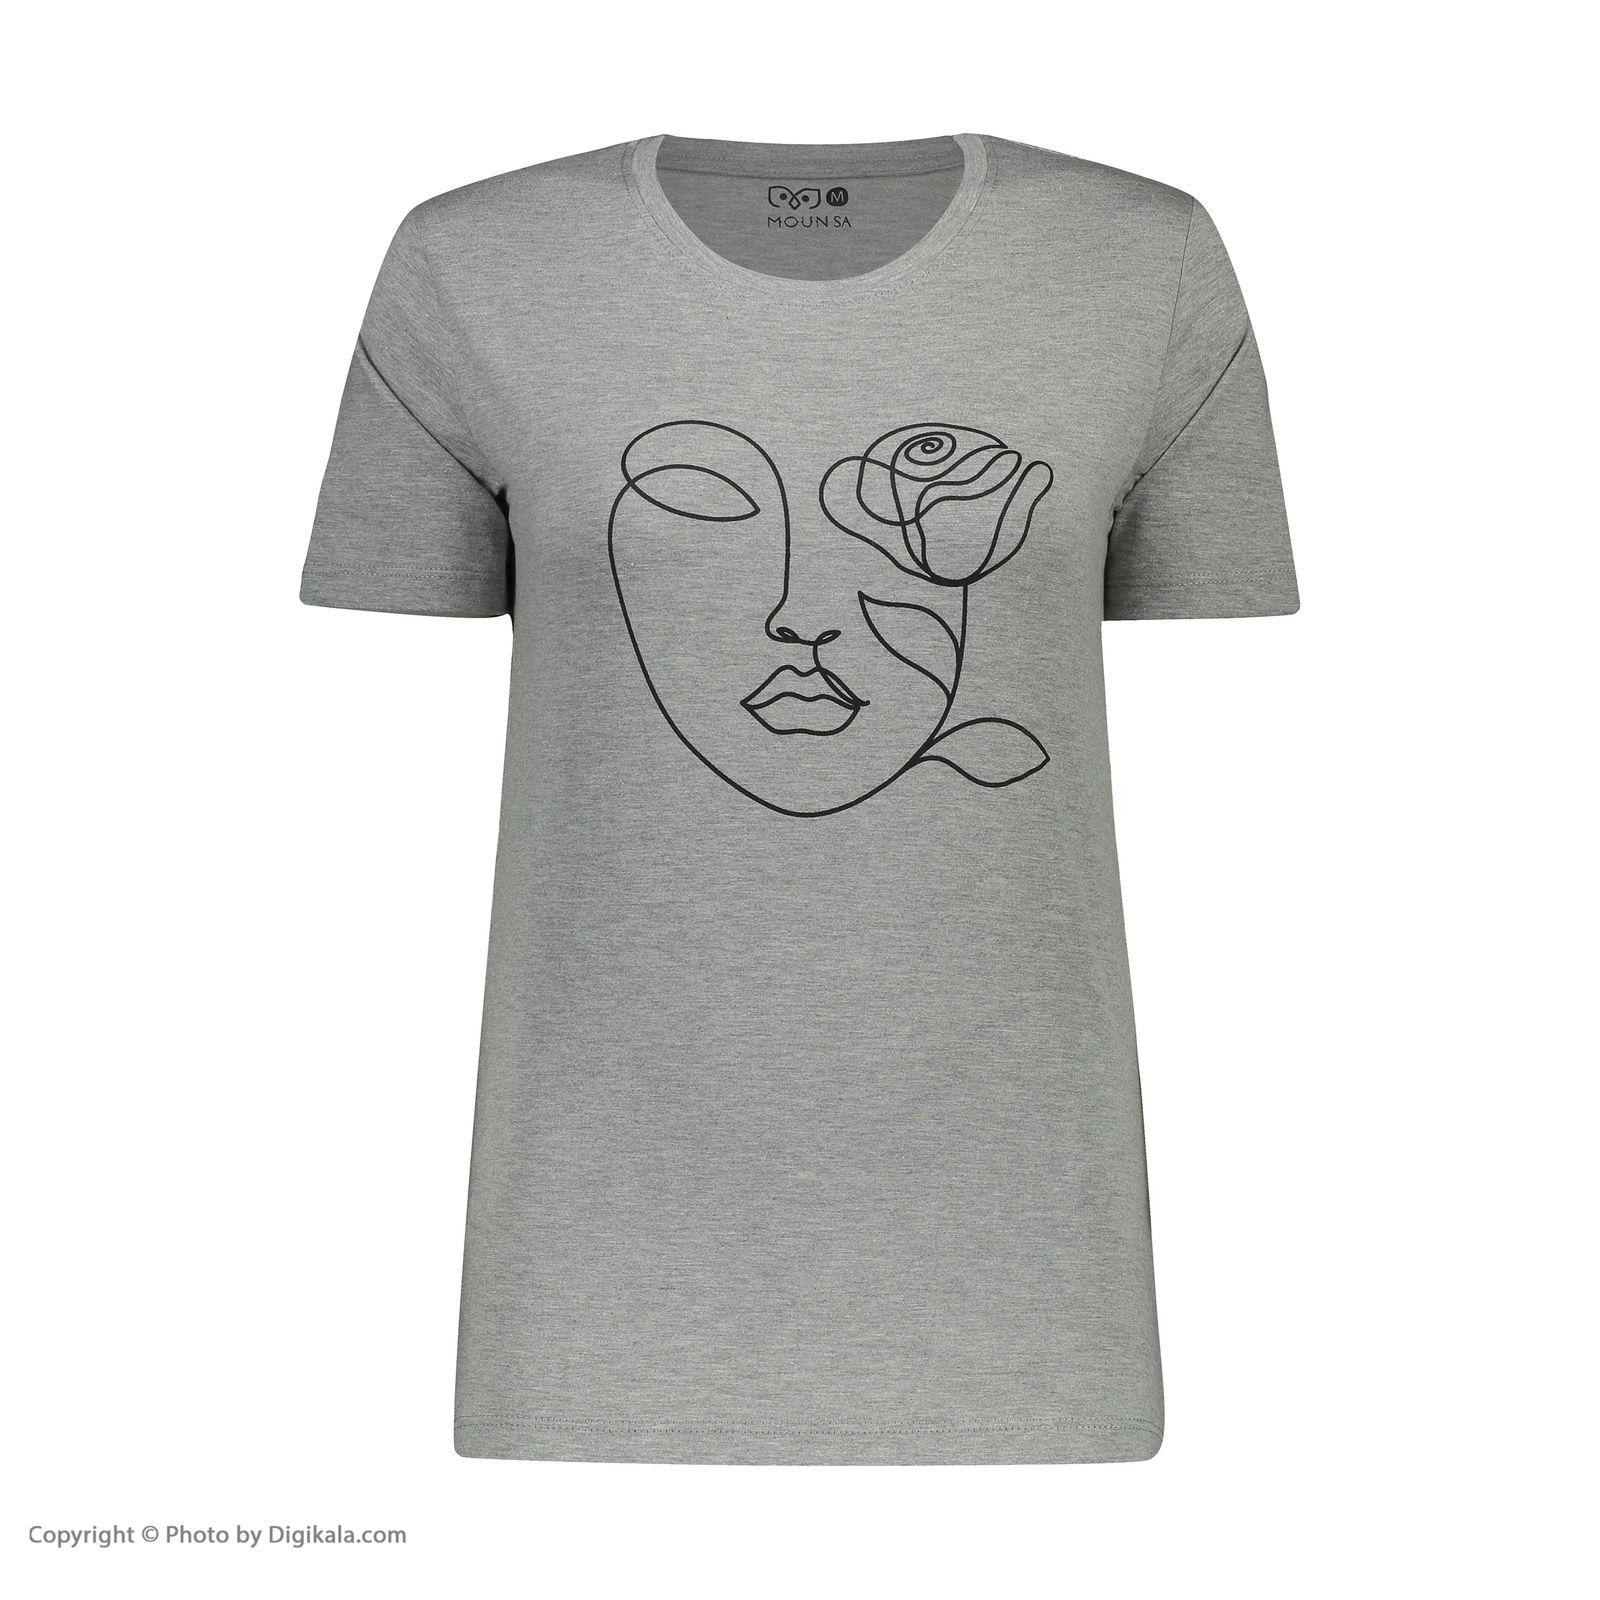 تصویر تی شرت زنانه مون مدل 163117093